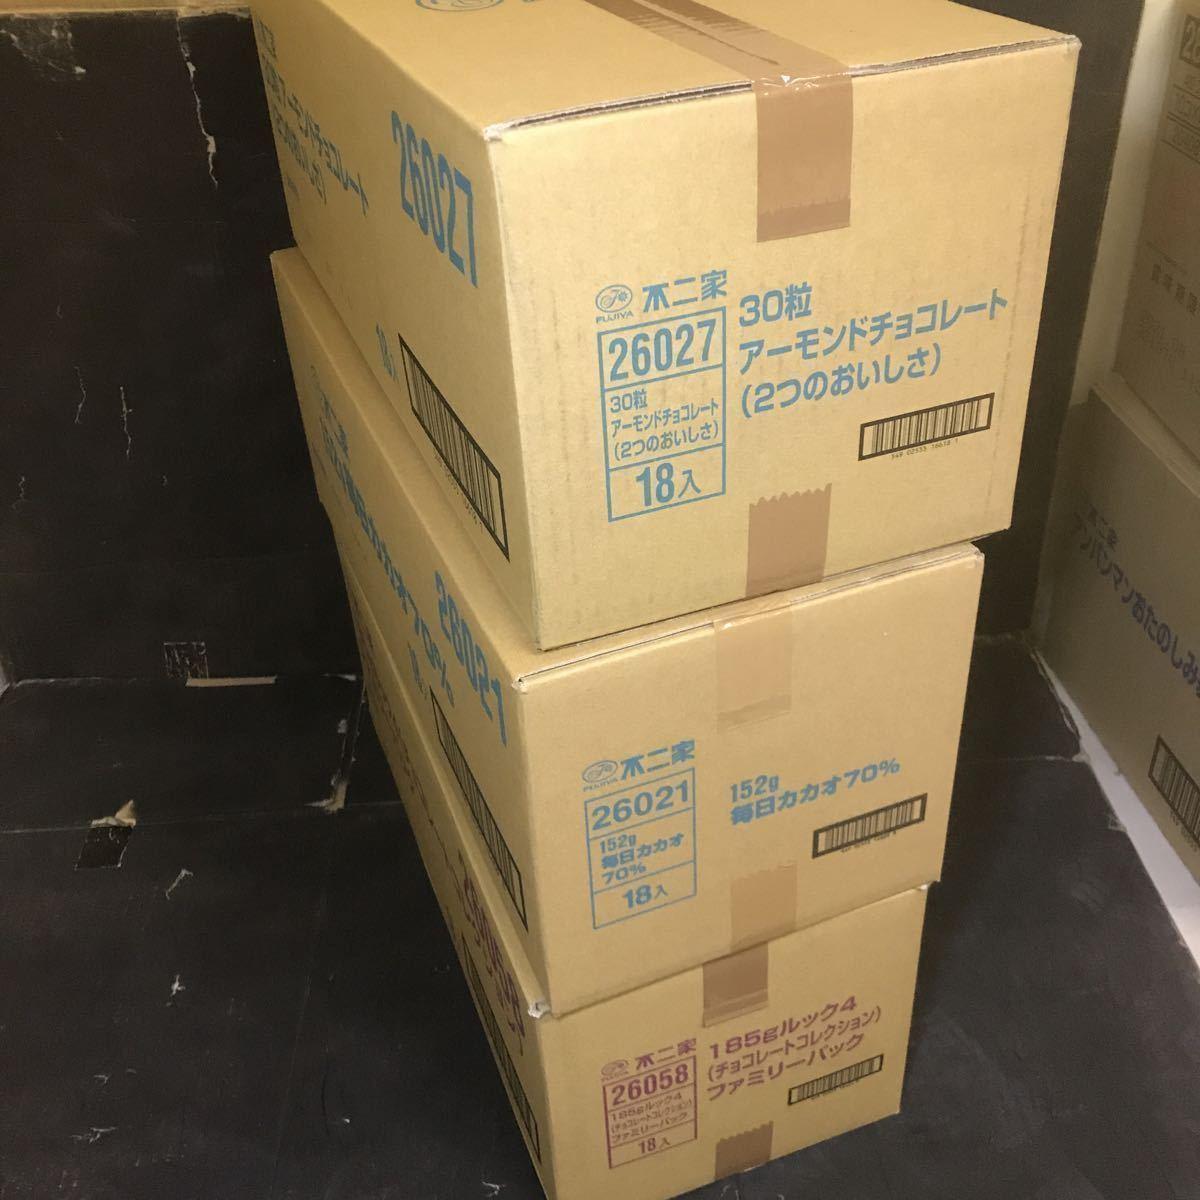 訳あり大人買い不二家アーモンドチョコ毎日カカオLook4大袋ファミリーサイズ計18袋合計1ケース分お菓子大量セット1円スタート9720円相当_こちらの様な箱に入れて発送します